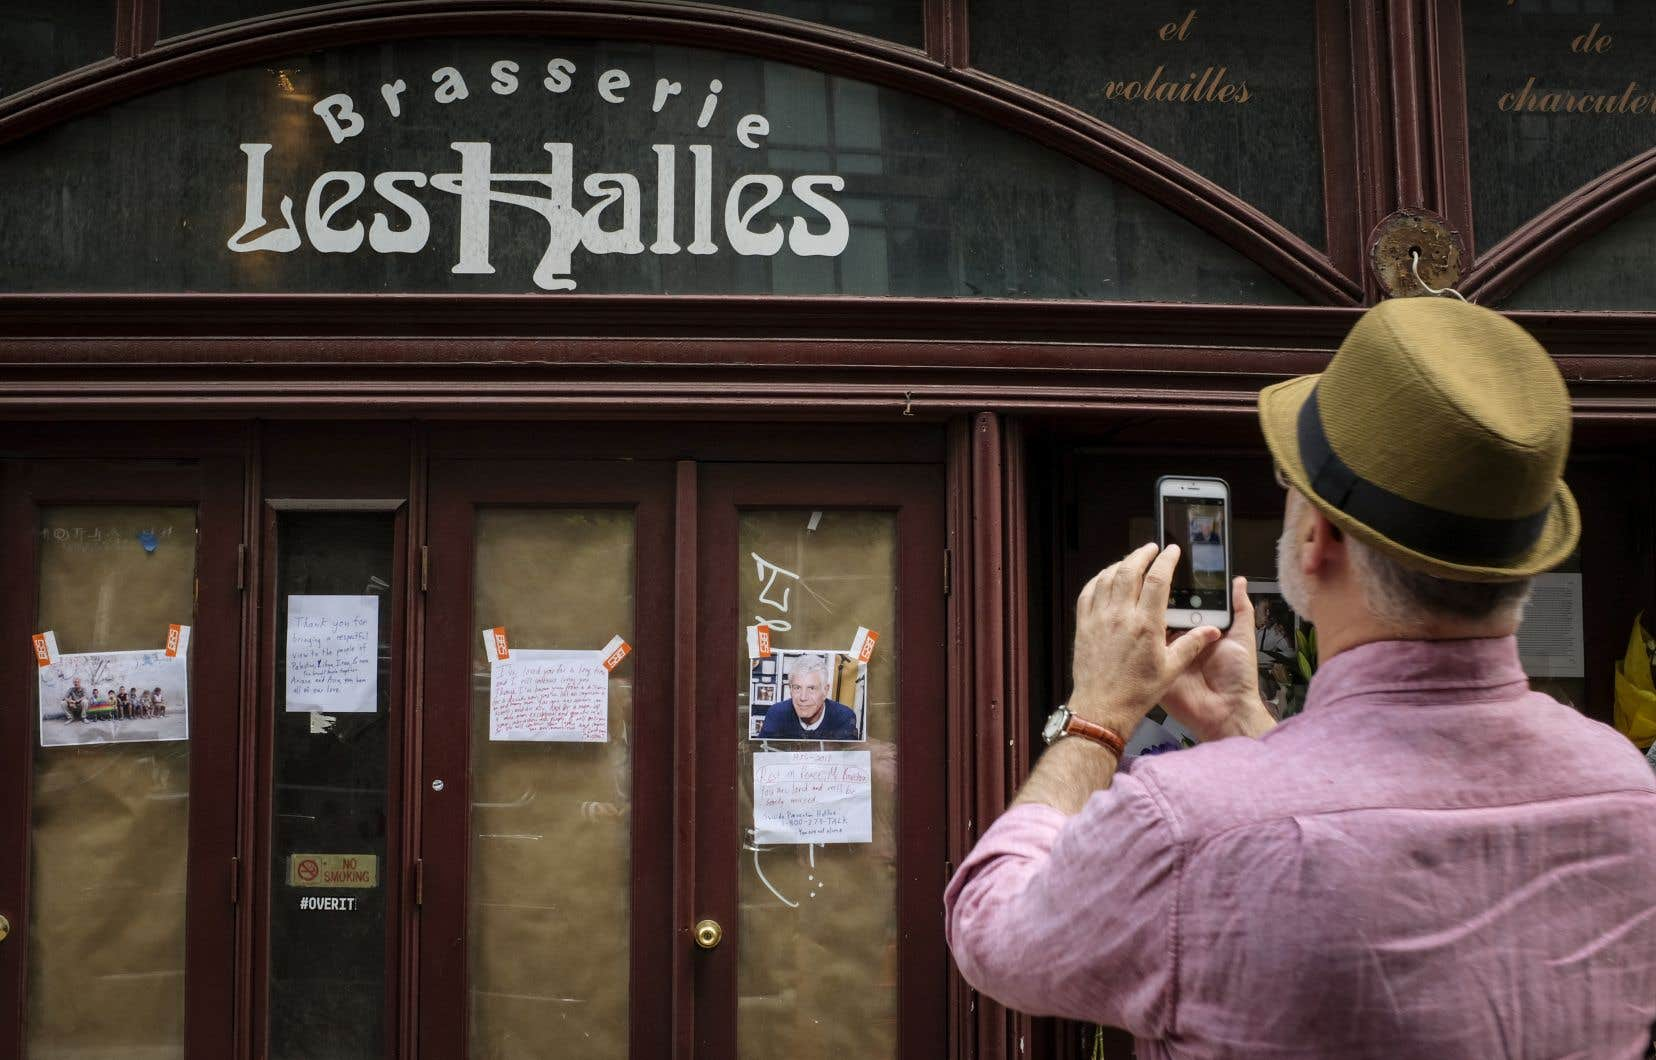 Des passants se recueillent devant la célèbre brasserie Les Halles, à New York, où Anthony Bourdain s'est fait connaître.